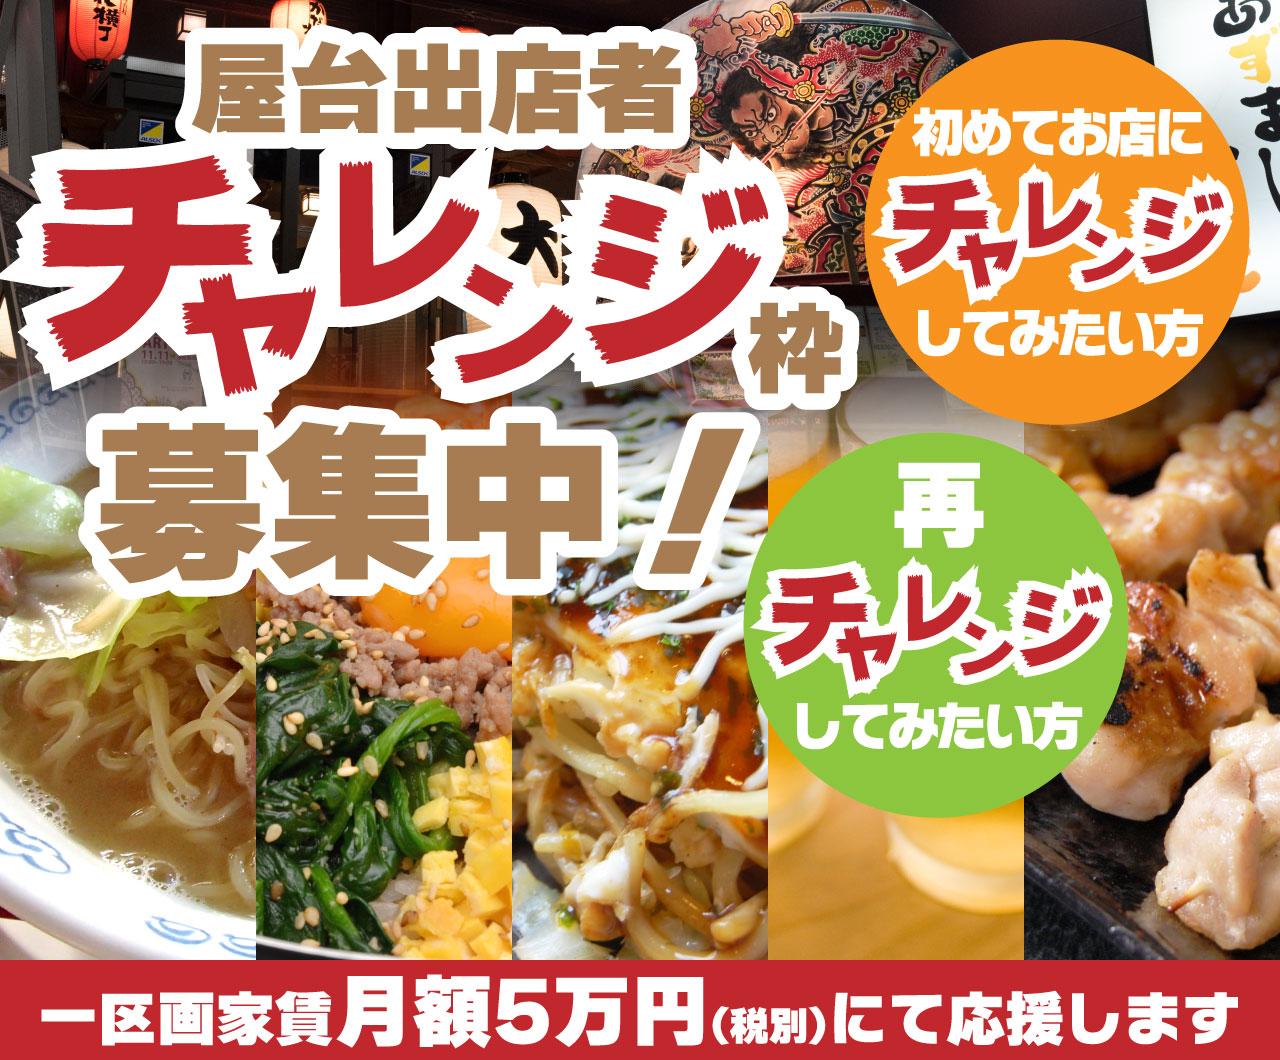 屋台出店者チャレンジ枠募集中! 一区画家賃月額5万円(税別)にて応援します